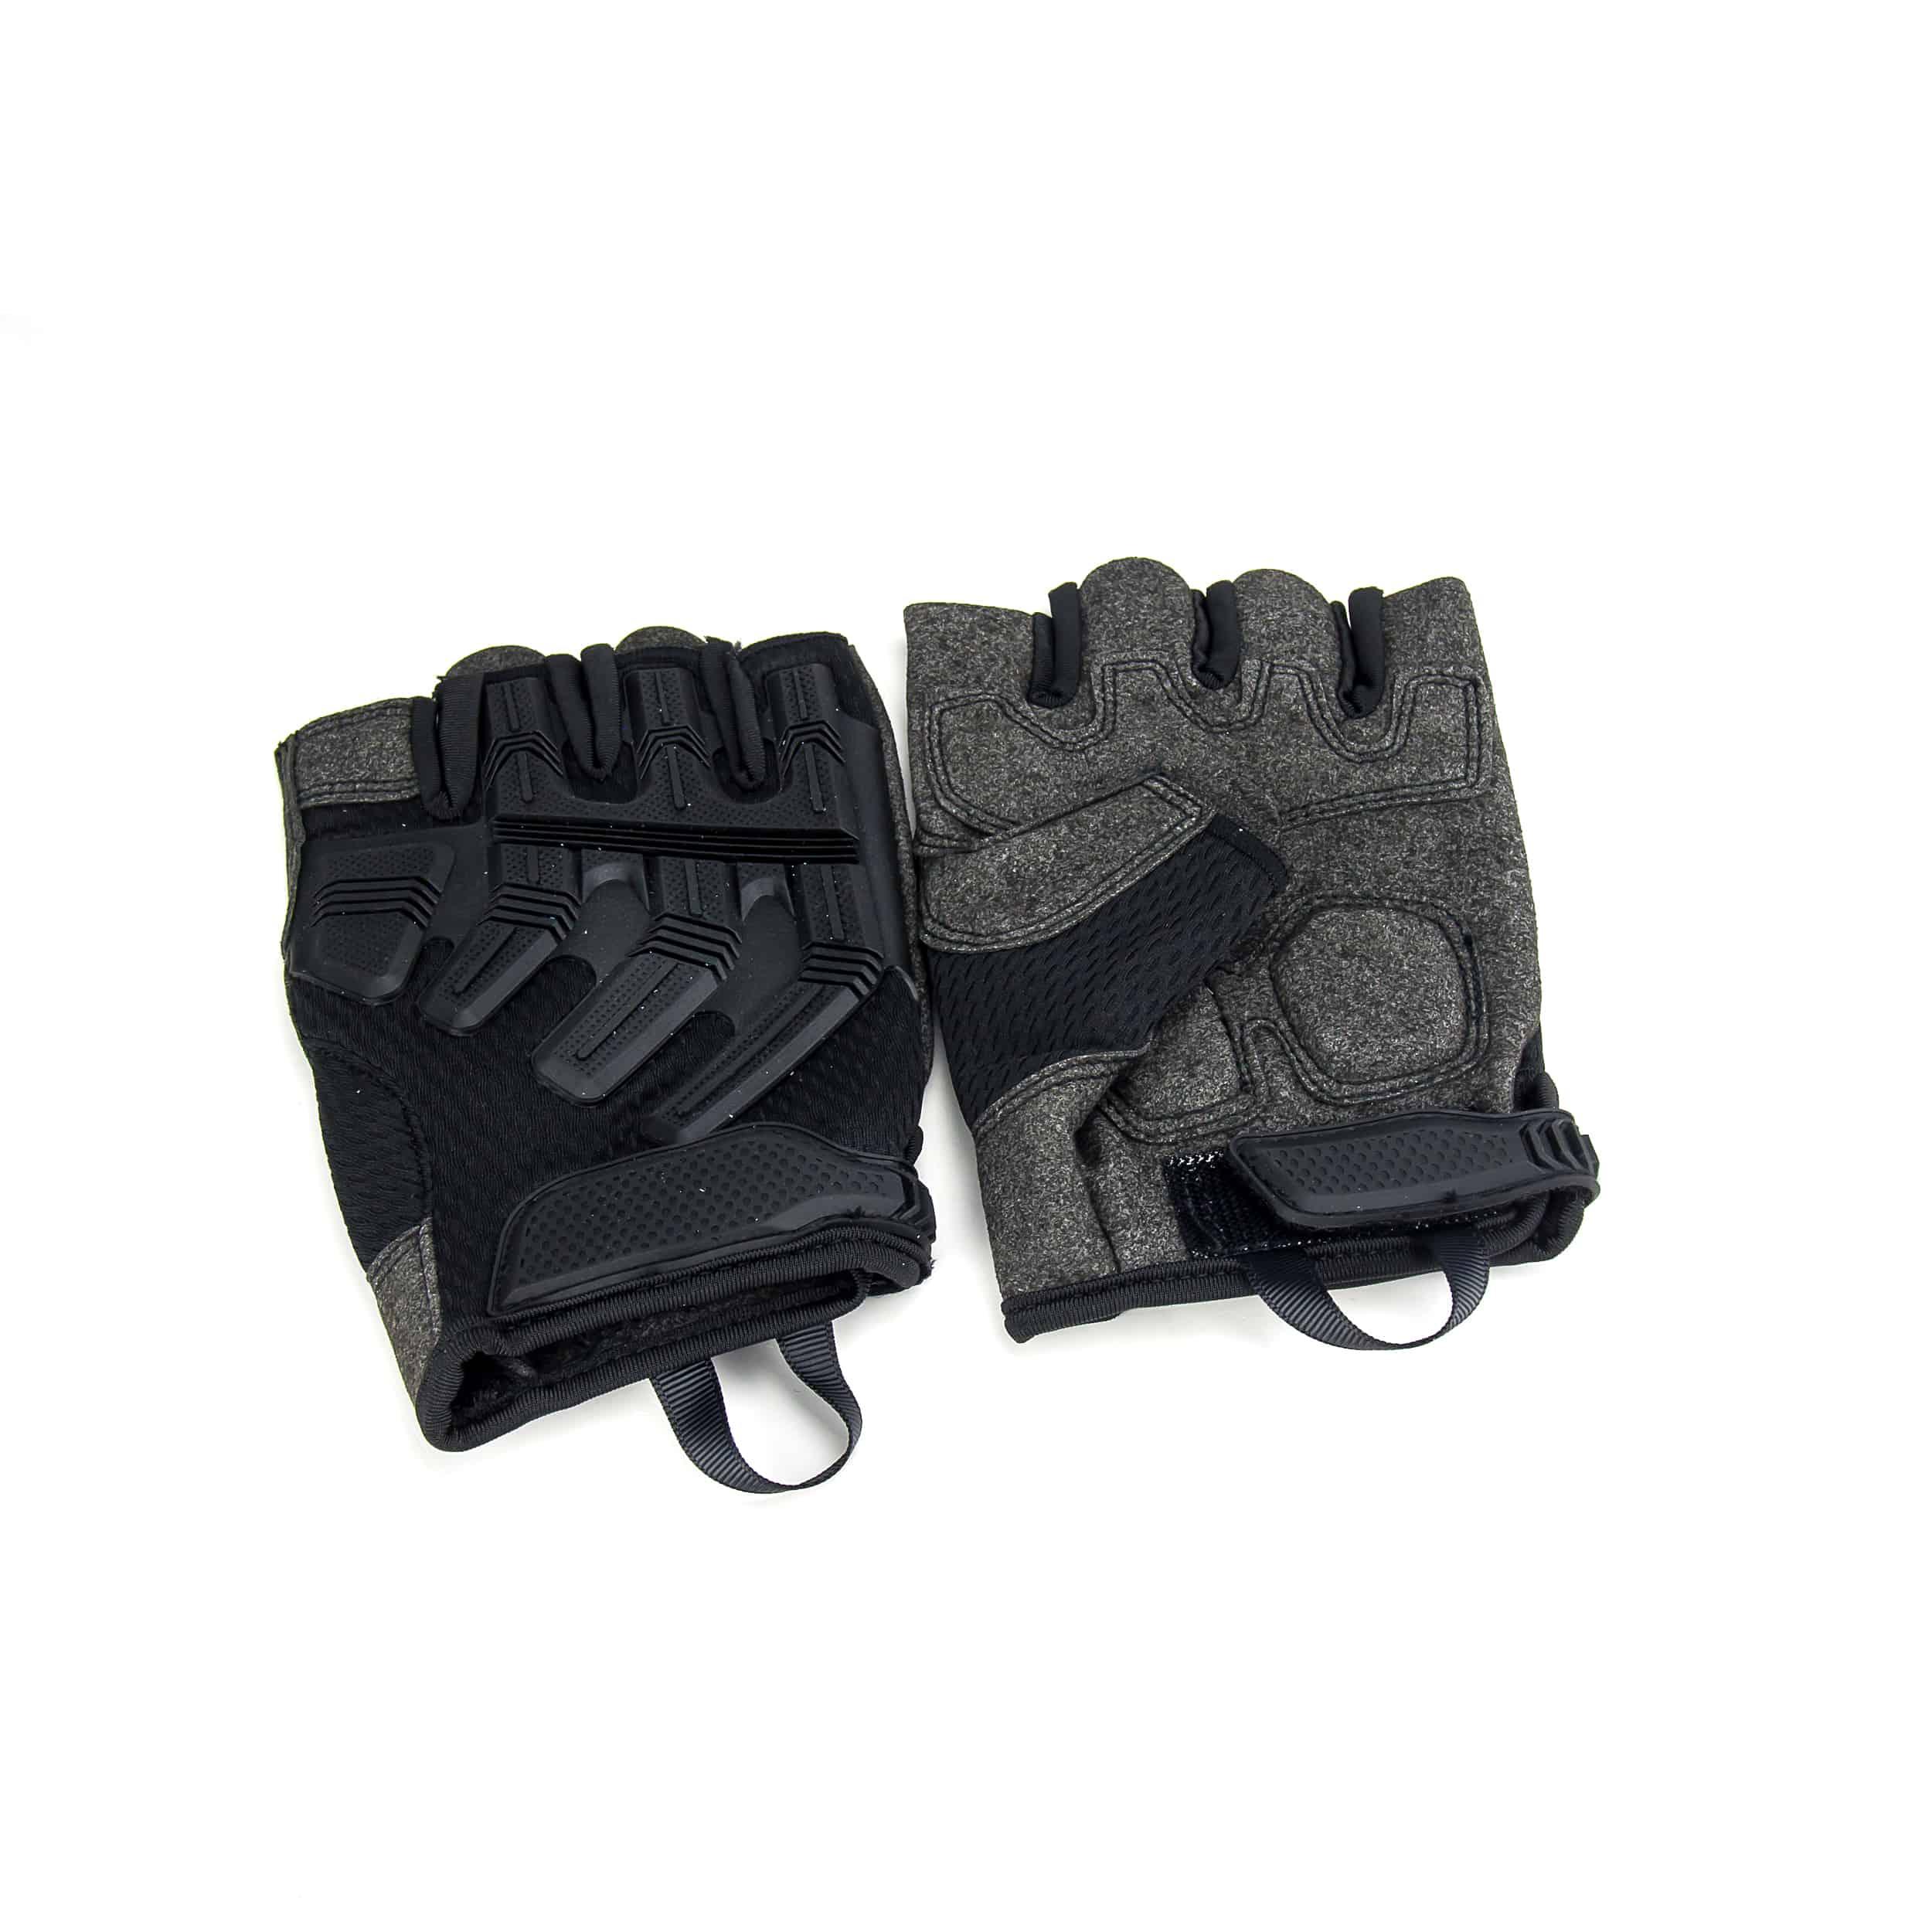 ถุงมือ แบบครึ่งนิ้ว สีดำ